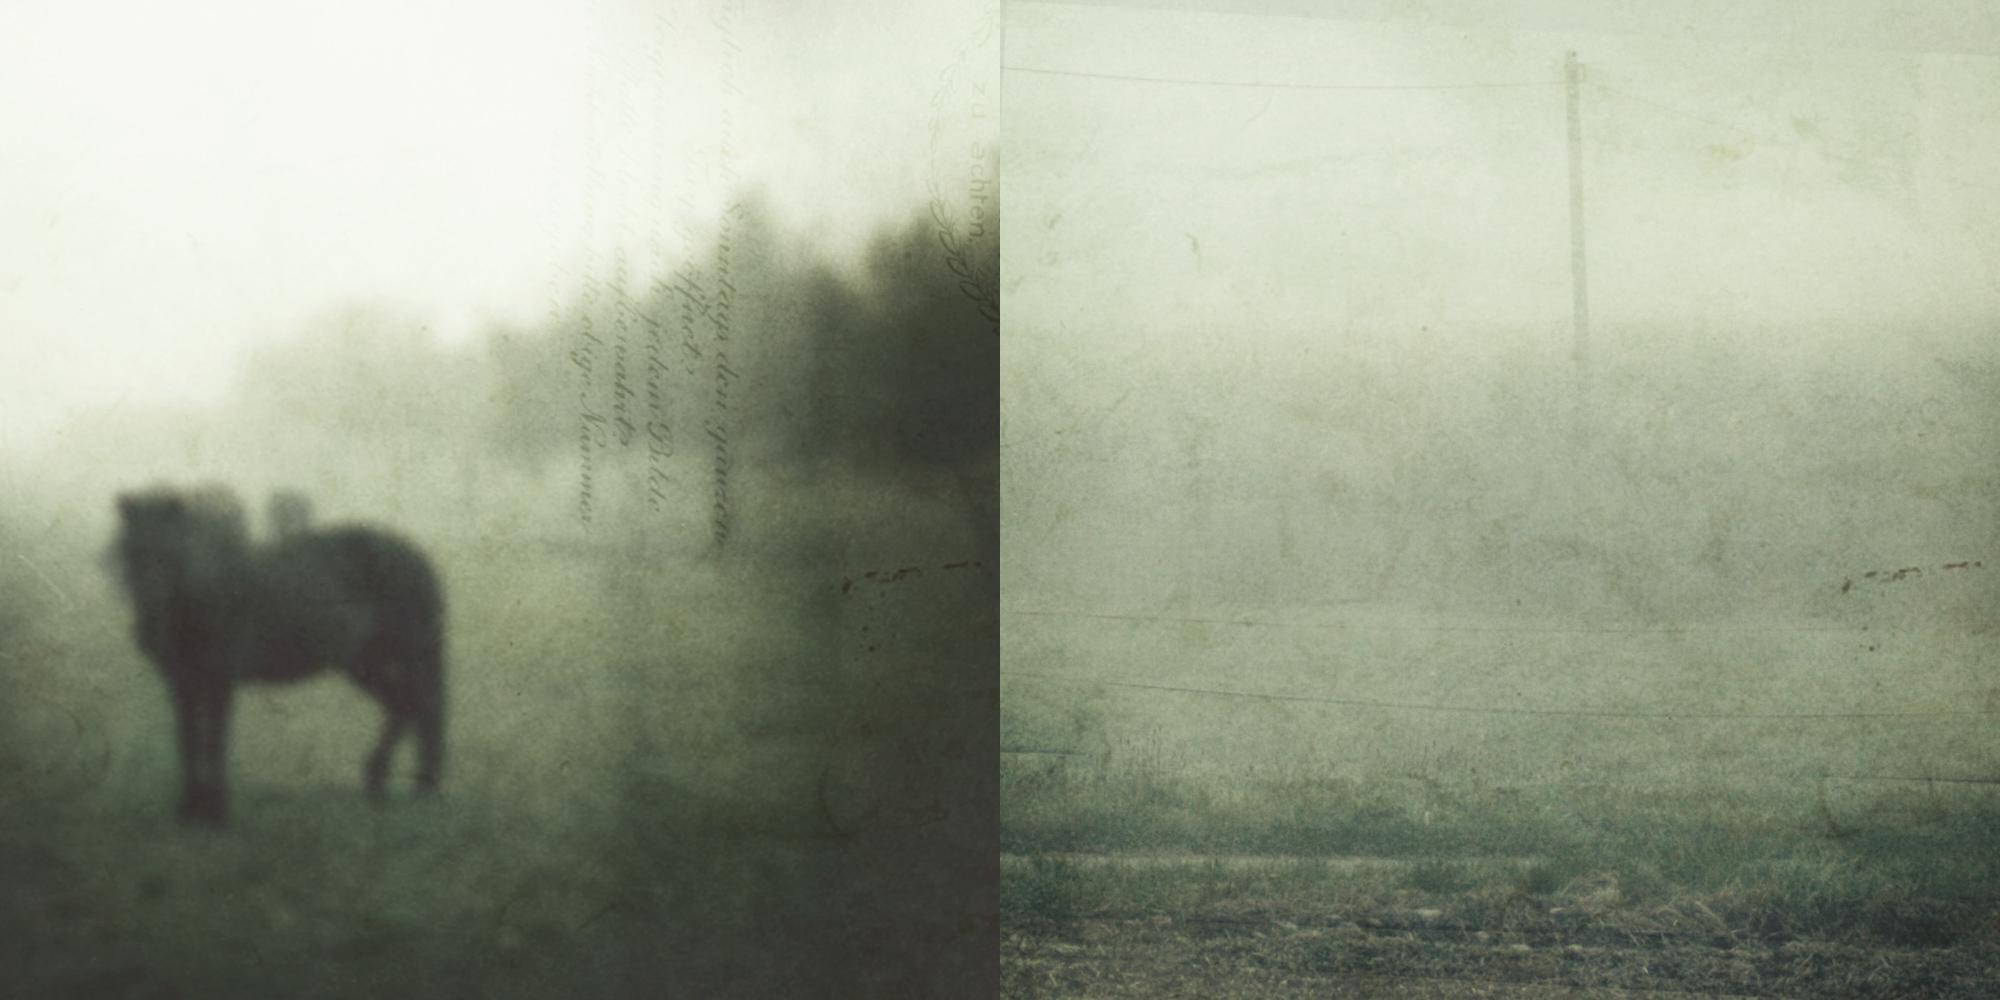 vague forms